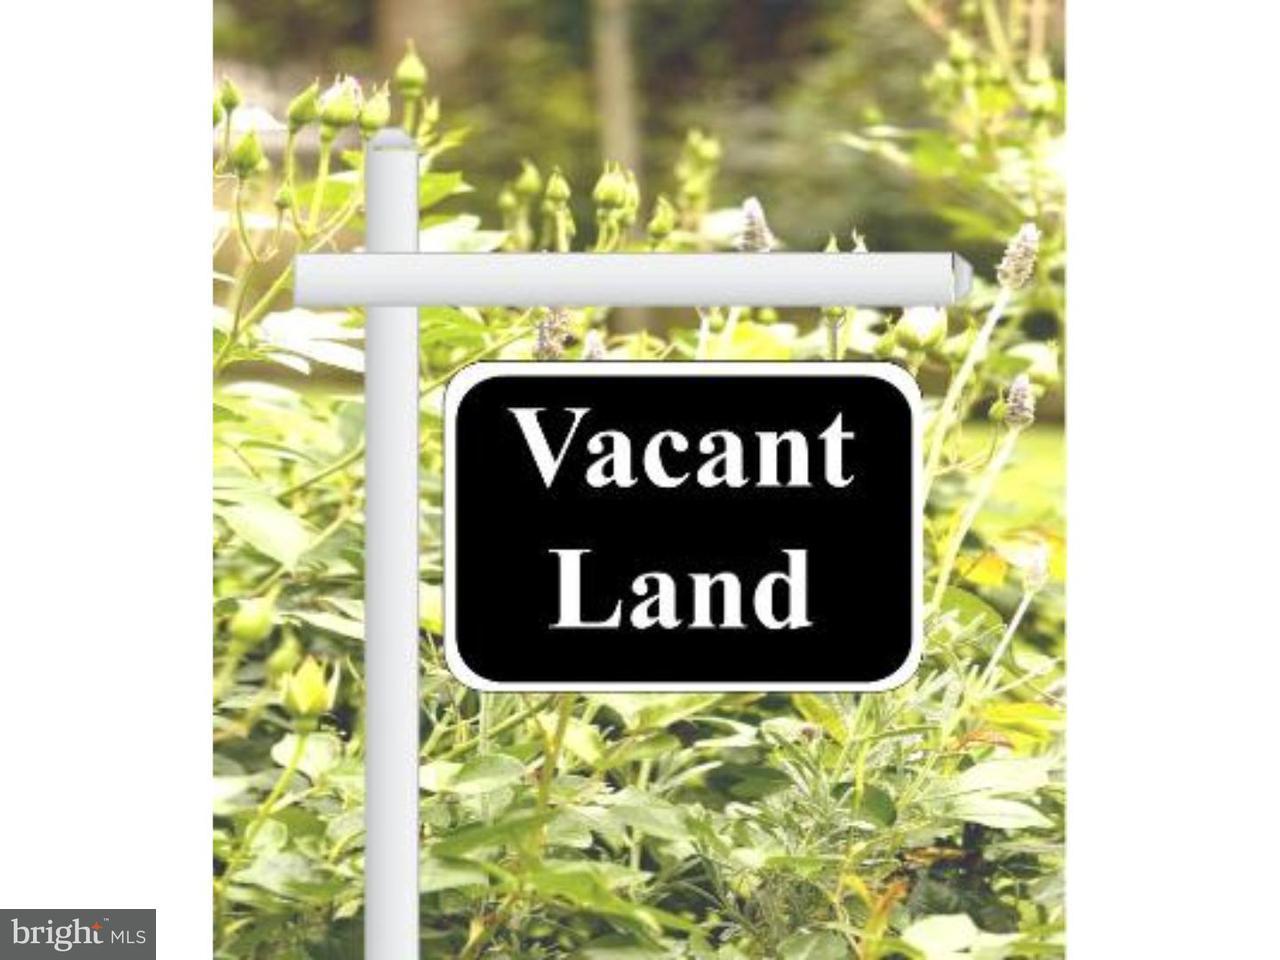 Частный односемейный дом для того Продажа на 6TH Road Newtonville, Нью-Джерси 08346 Соединенные Штаты